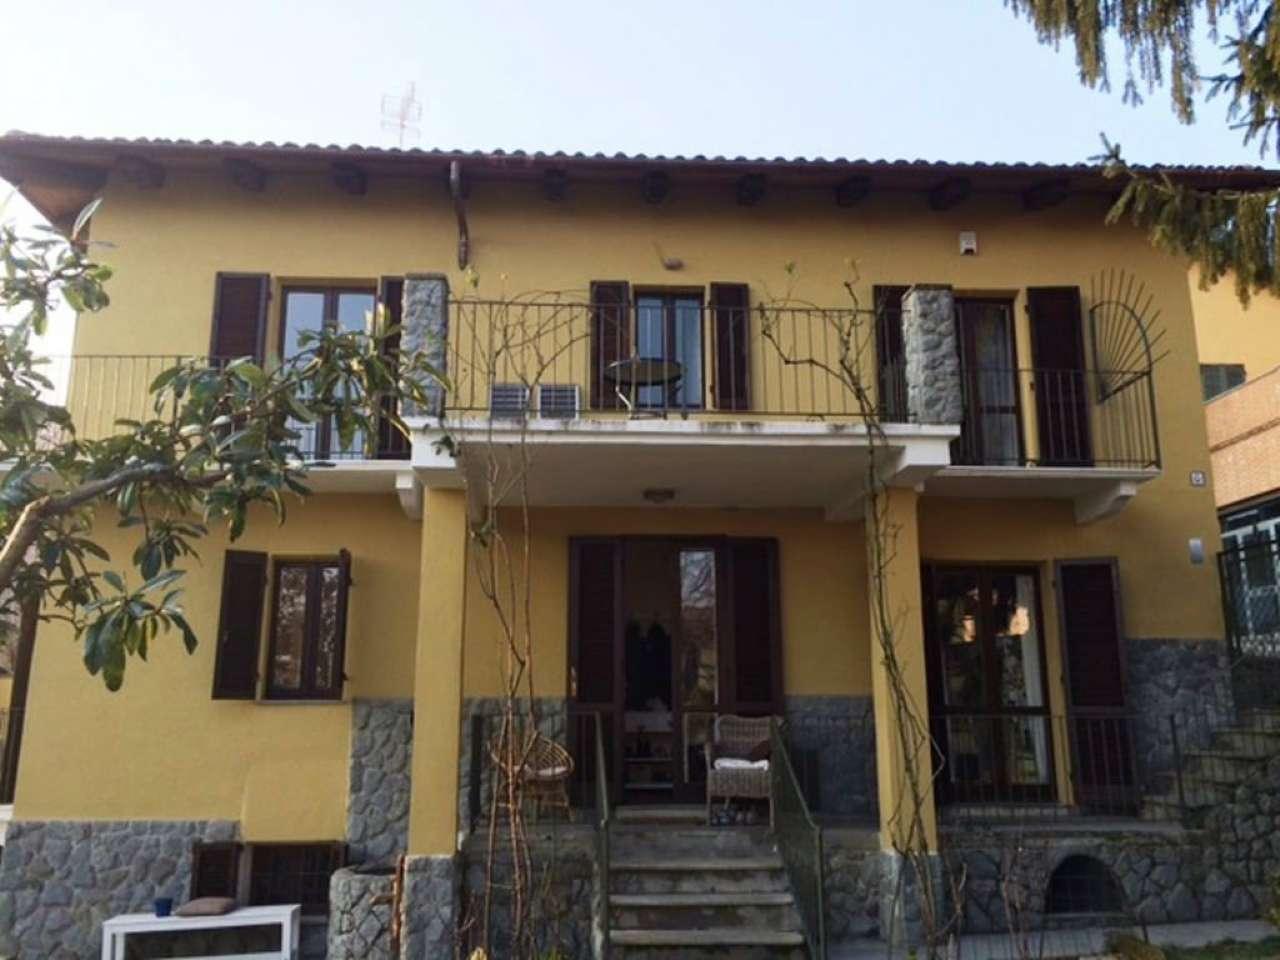 Soluzione Indipendente in affitto a Baldissero Torinese, 6 locali, prezzo € 900 | PortaleAgenzieImmobiliari.it